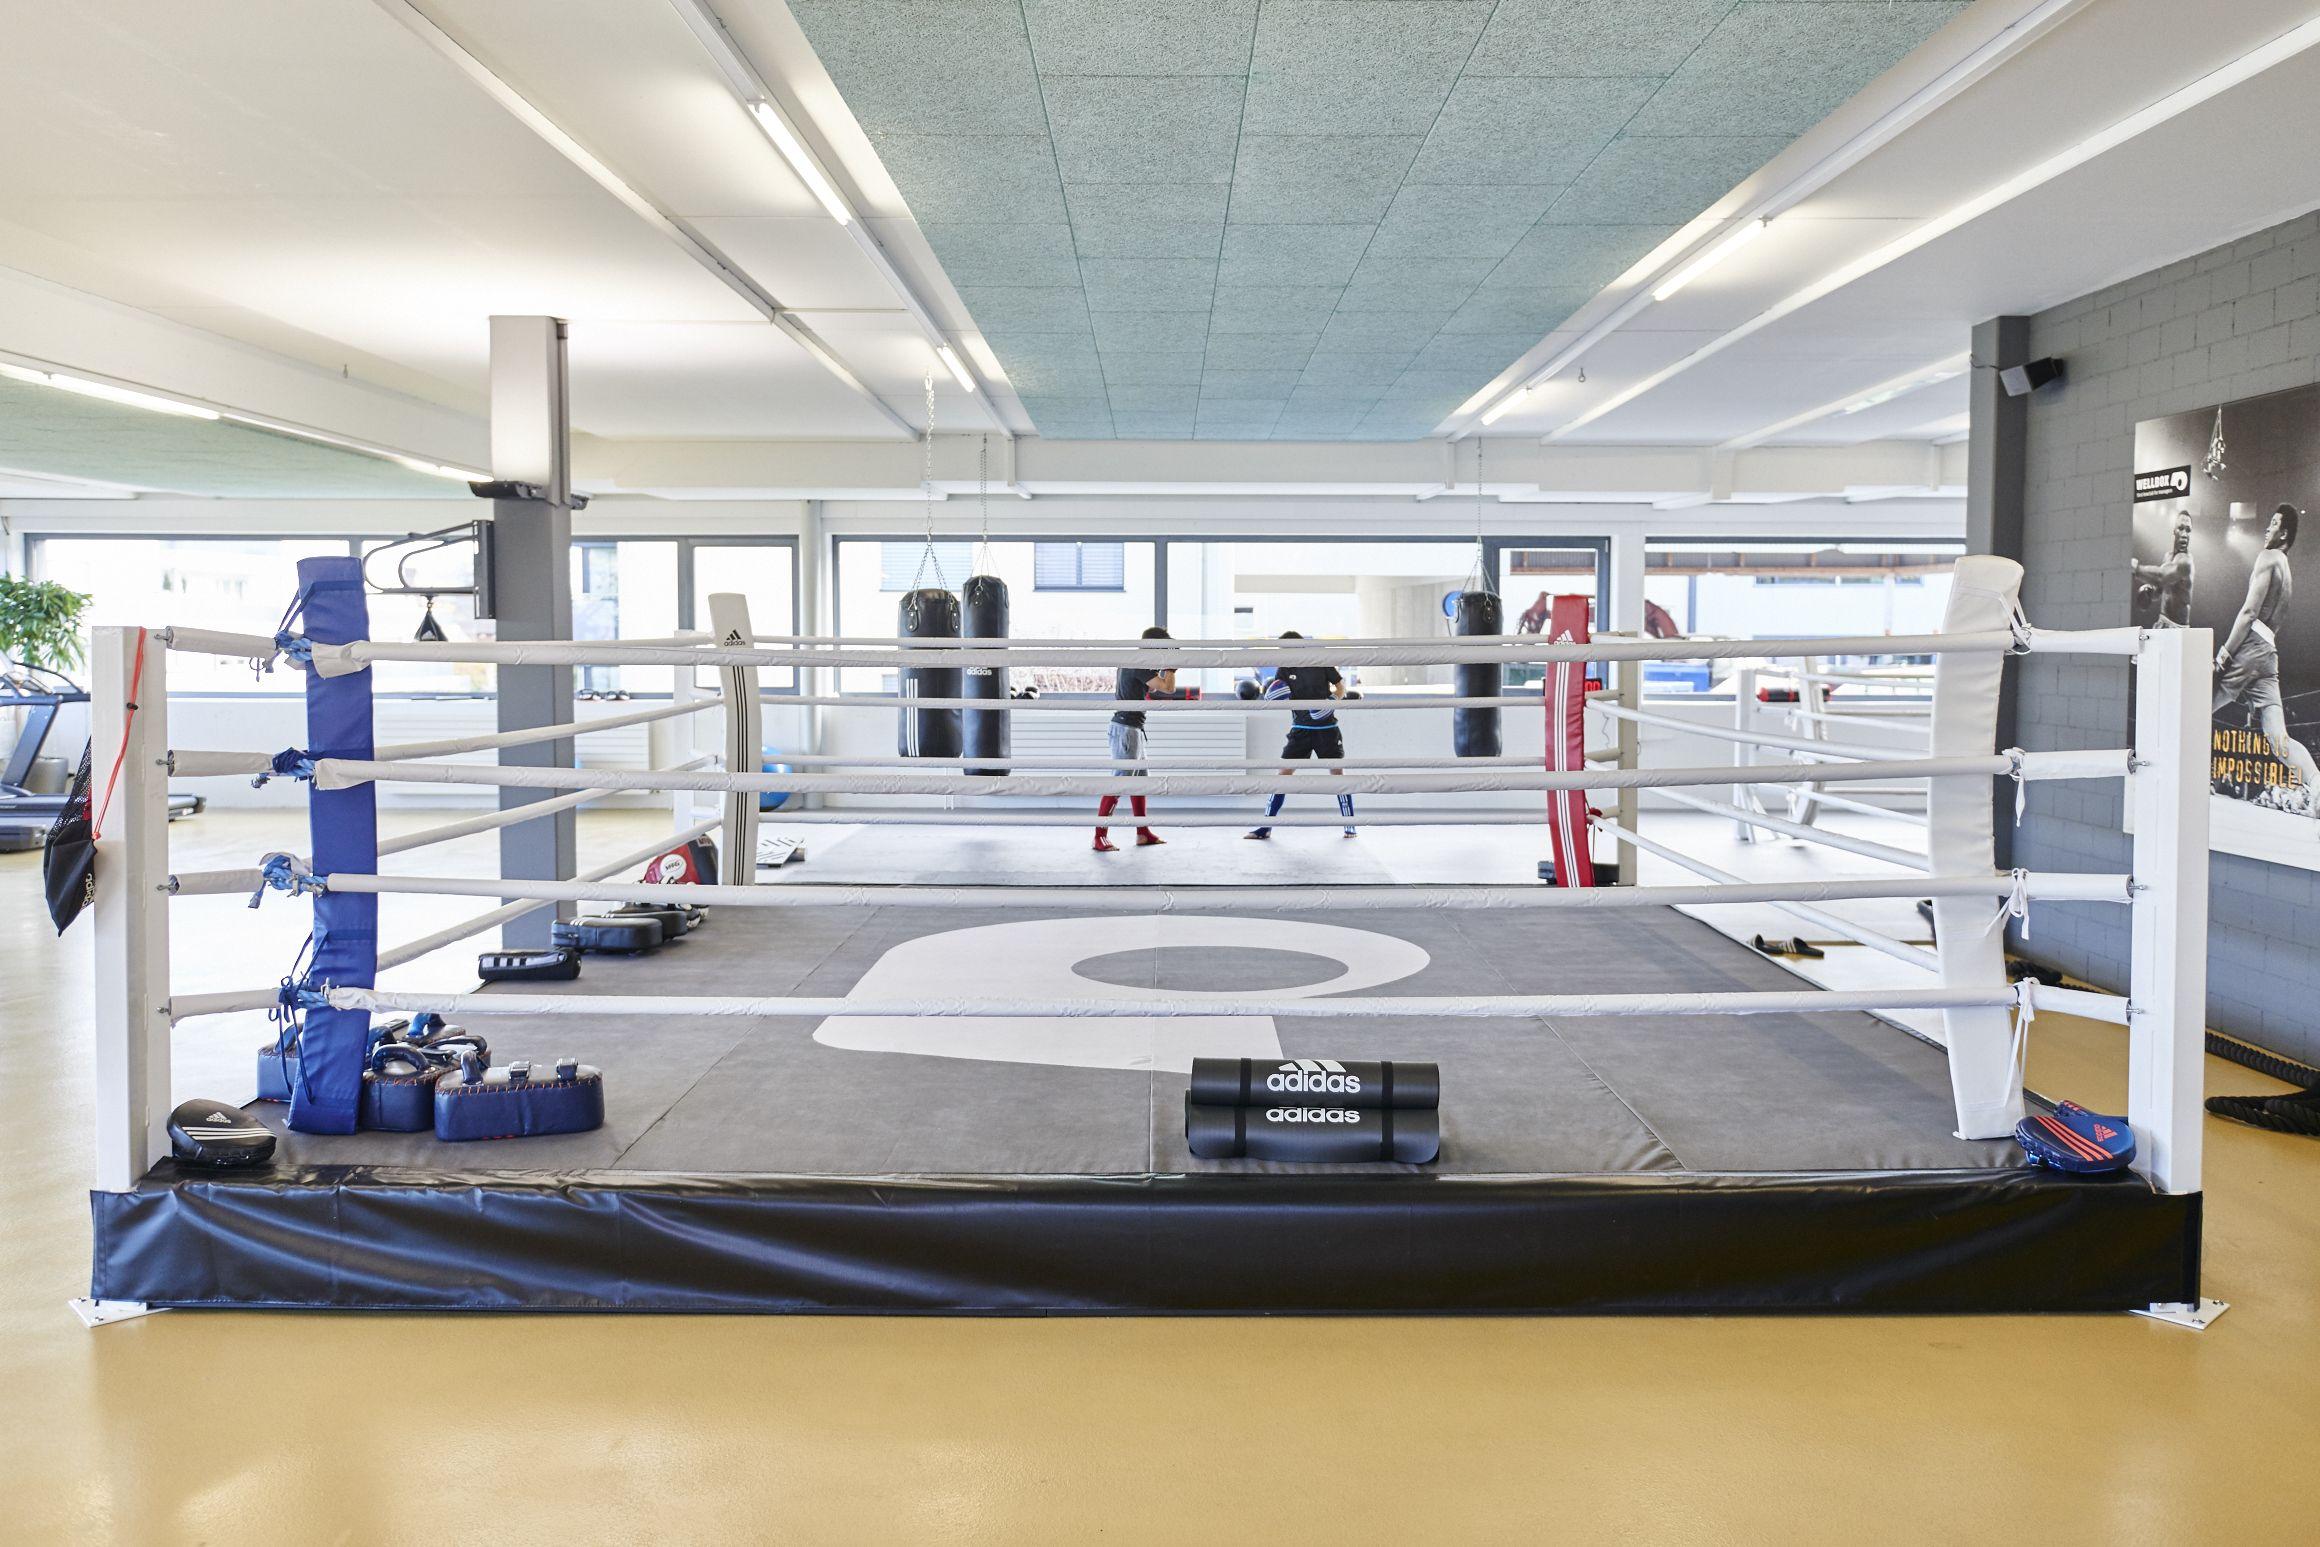 Innenarchitektur Schweiz boxclub wellbox wollerau schweiz innenarchitektur marc